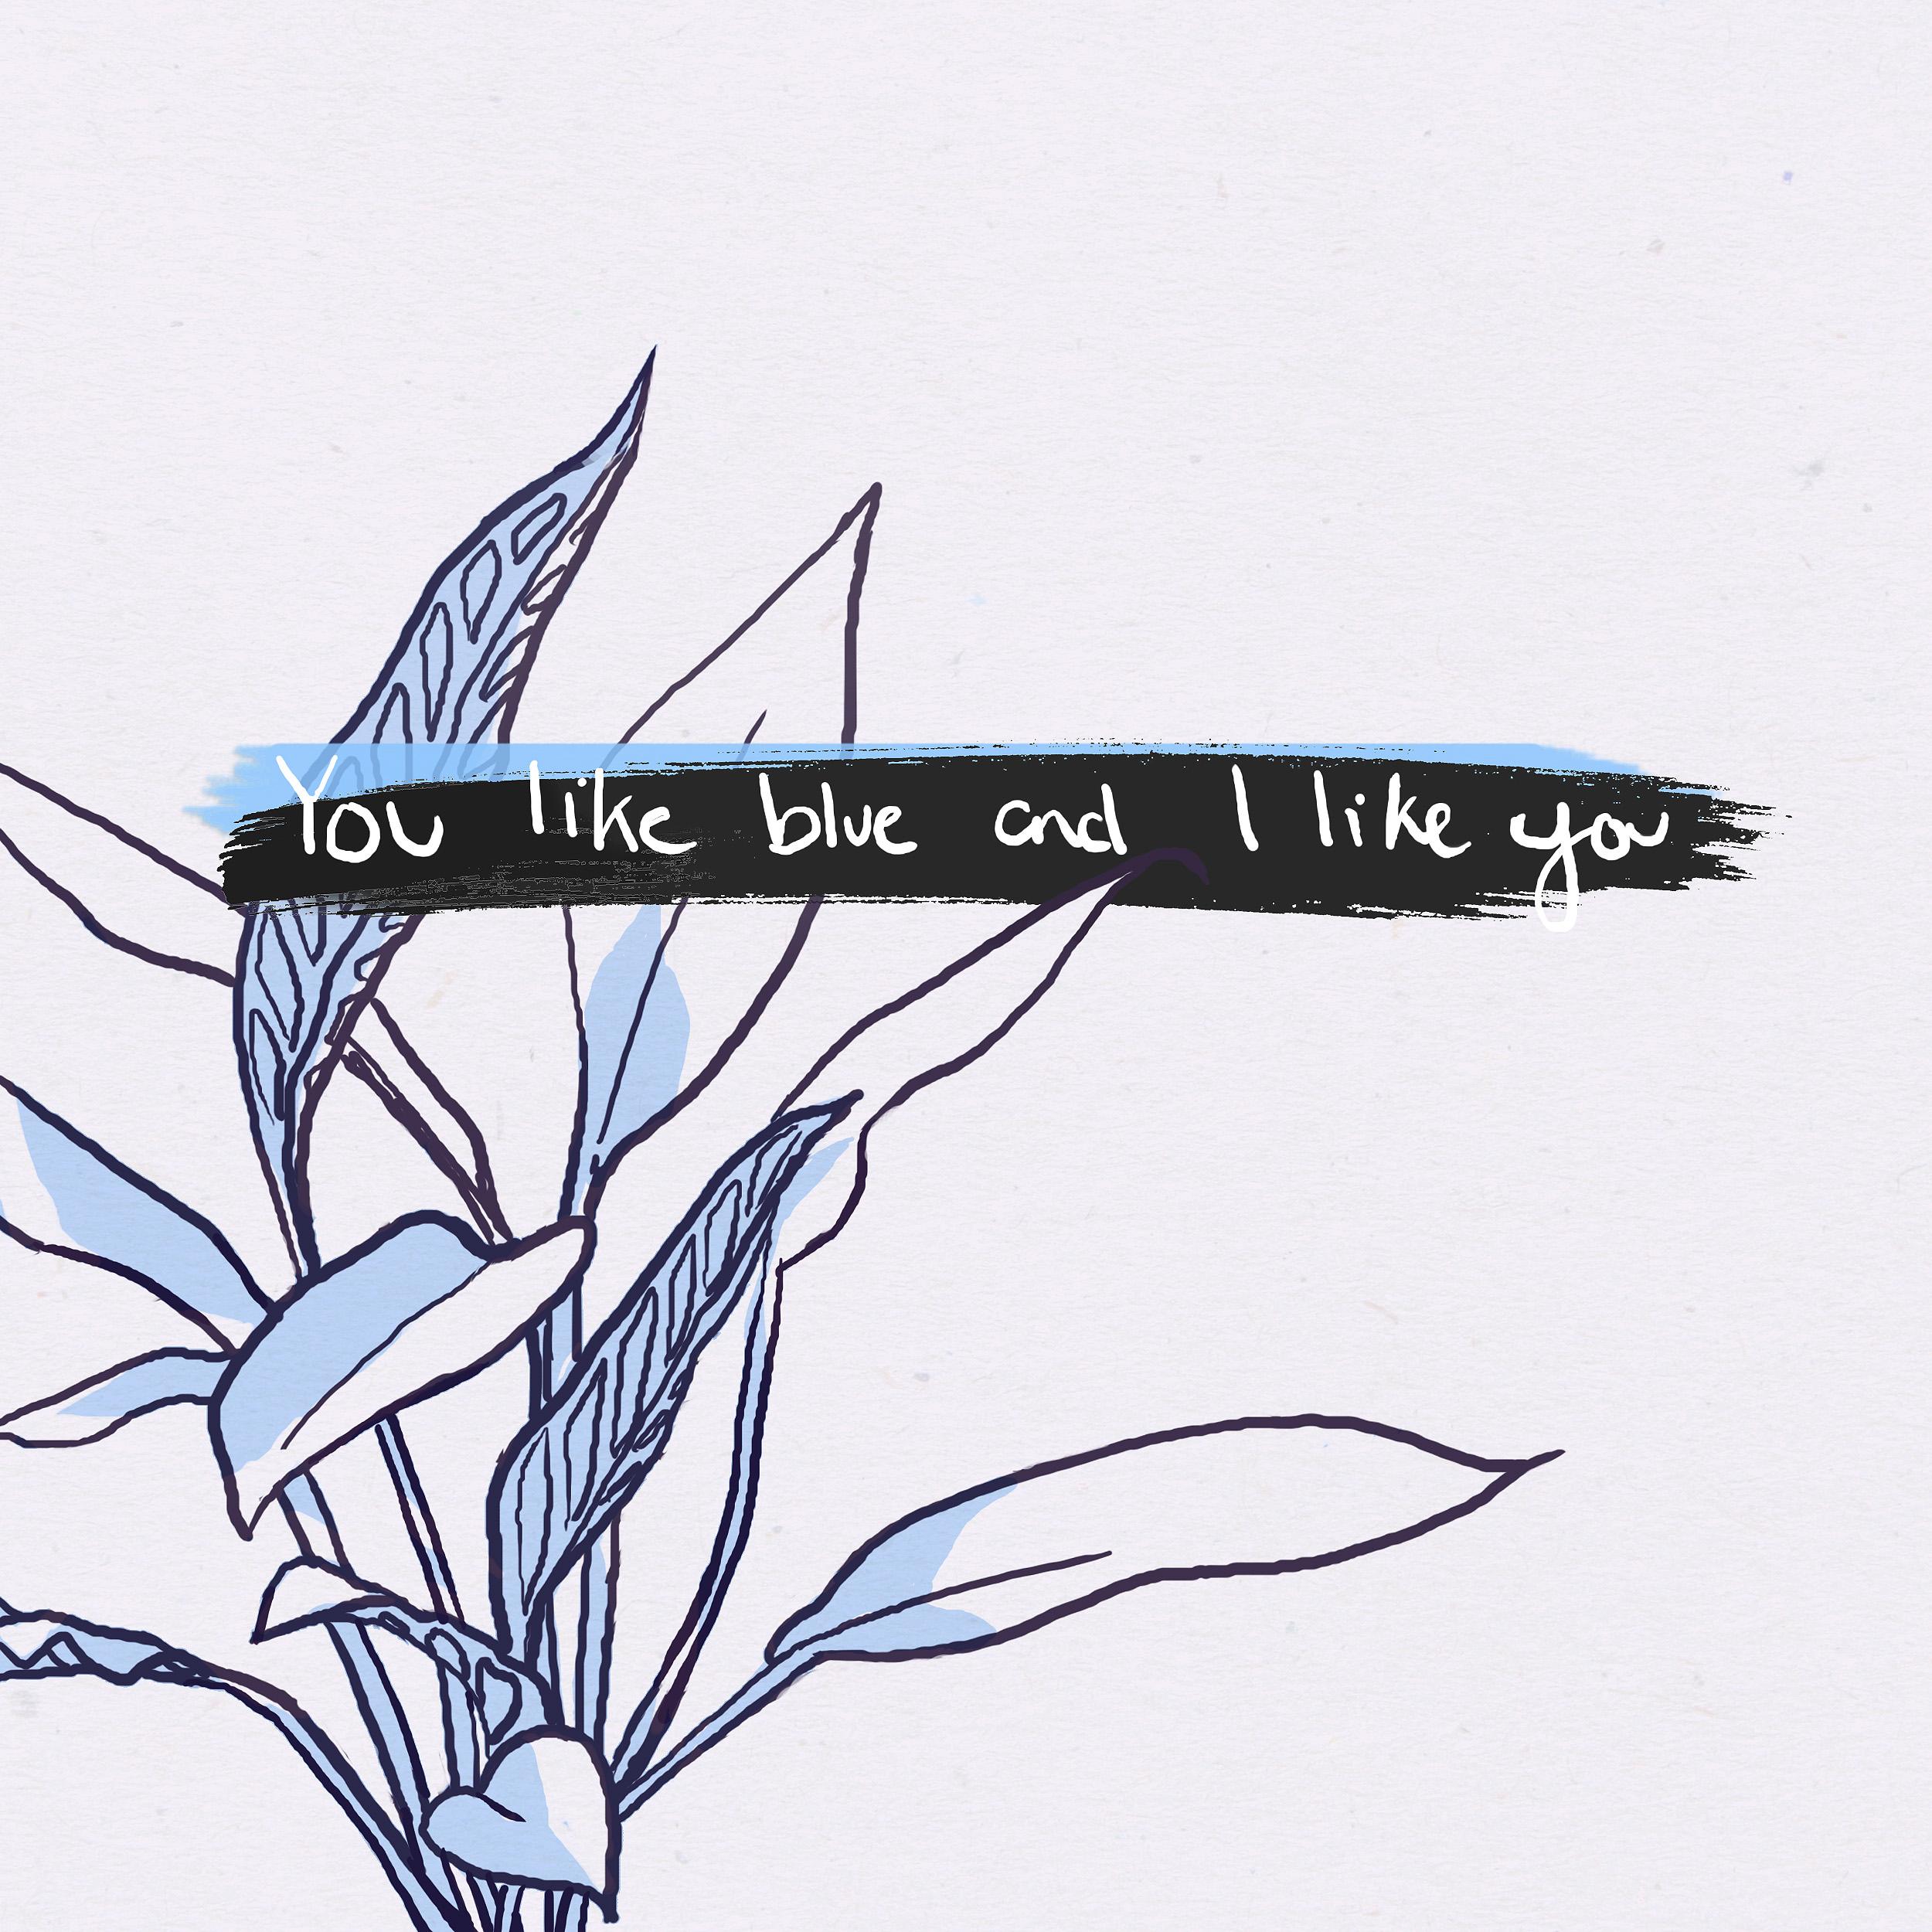 You Like Blue And I Like You